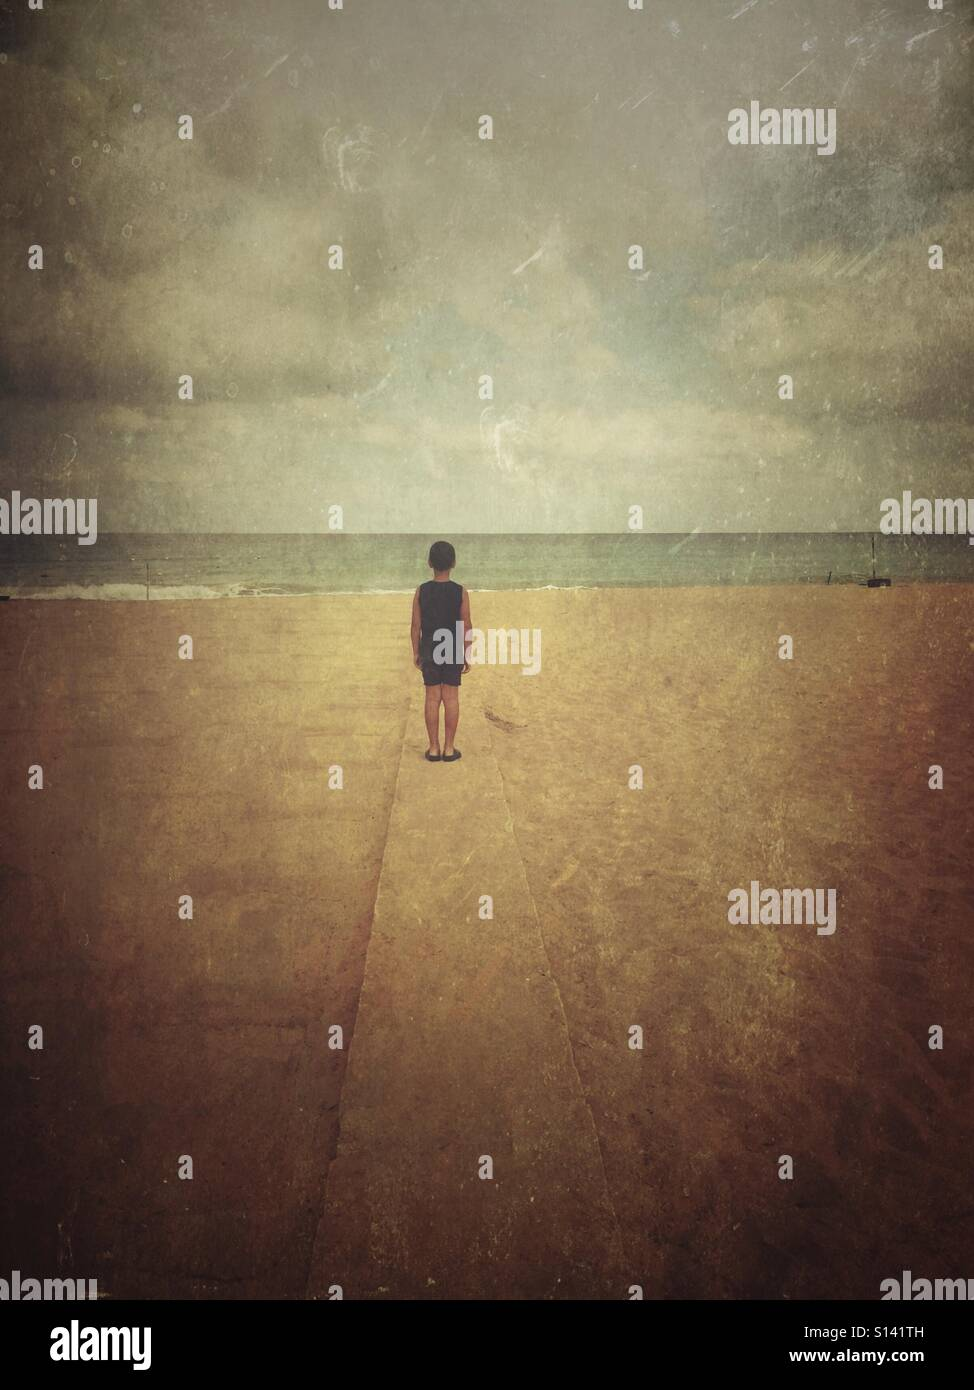 Garçon solitaire sur la plage Photo Stock